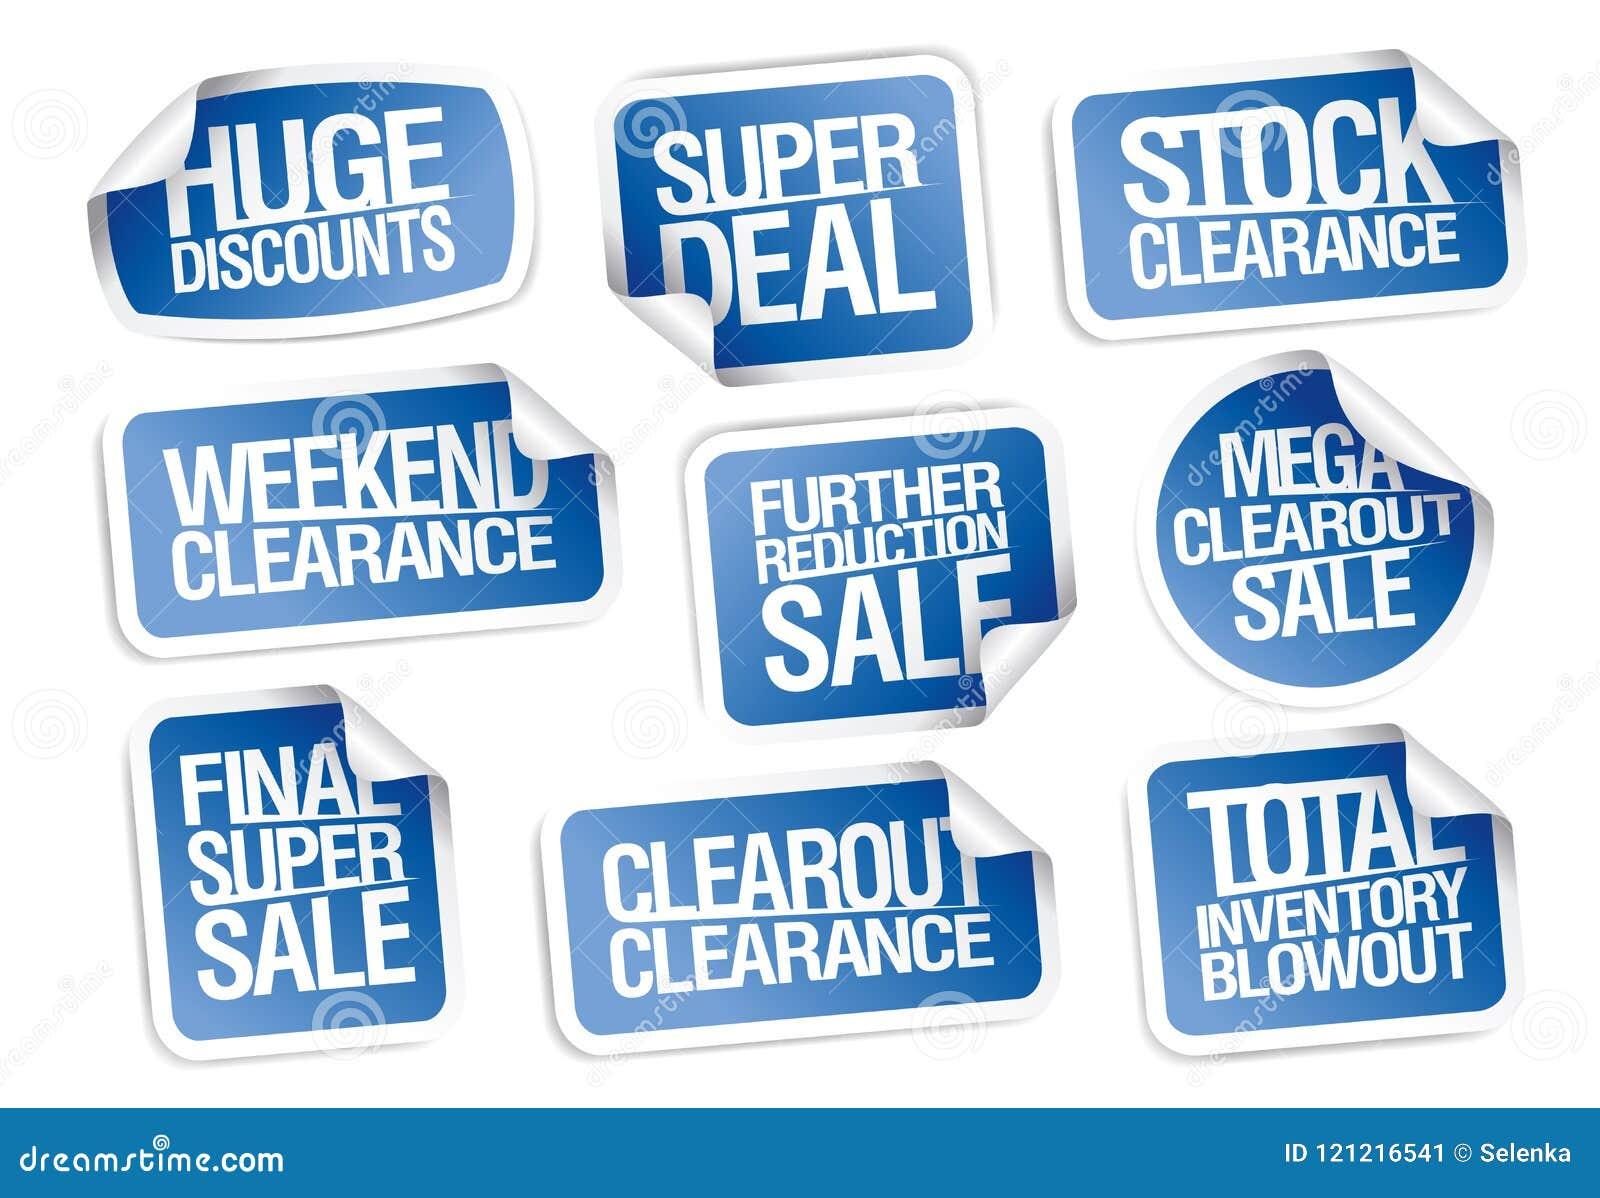 Colección de las etiquetas engomadas de la venta - descuentos enormes, super oferta, liquidación